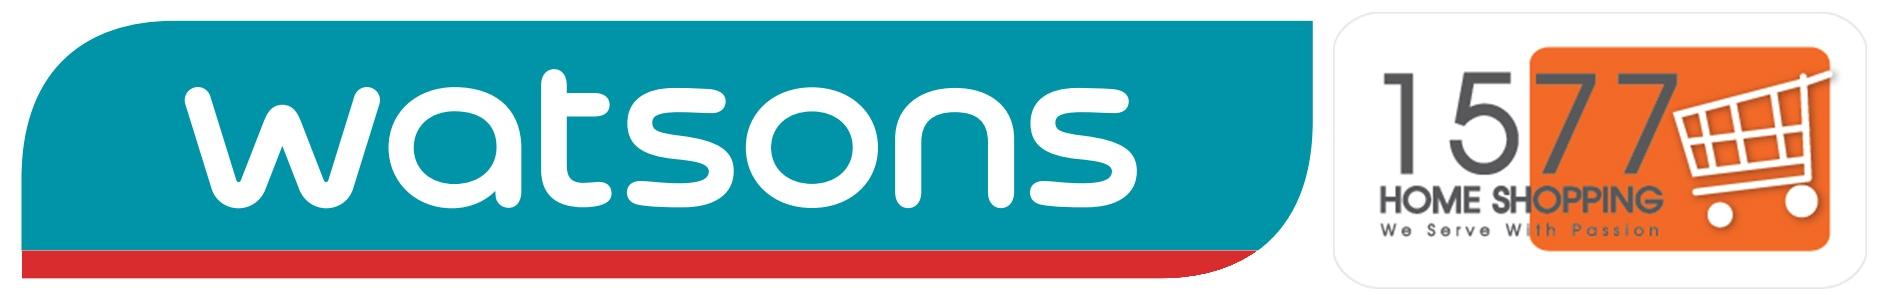 Watsons_logo